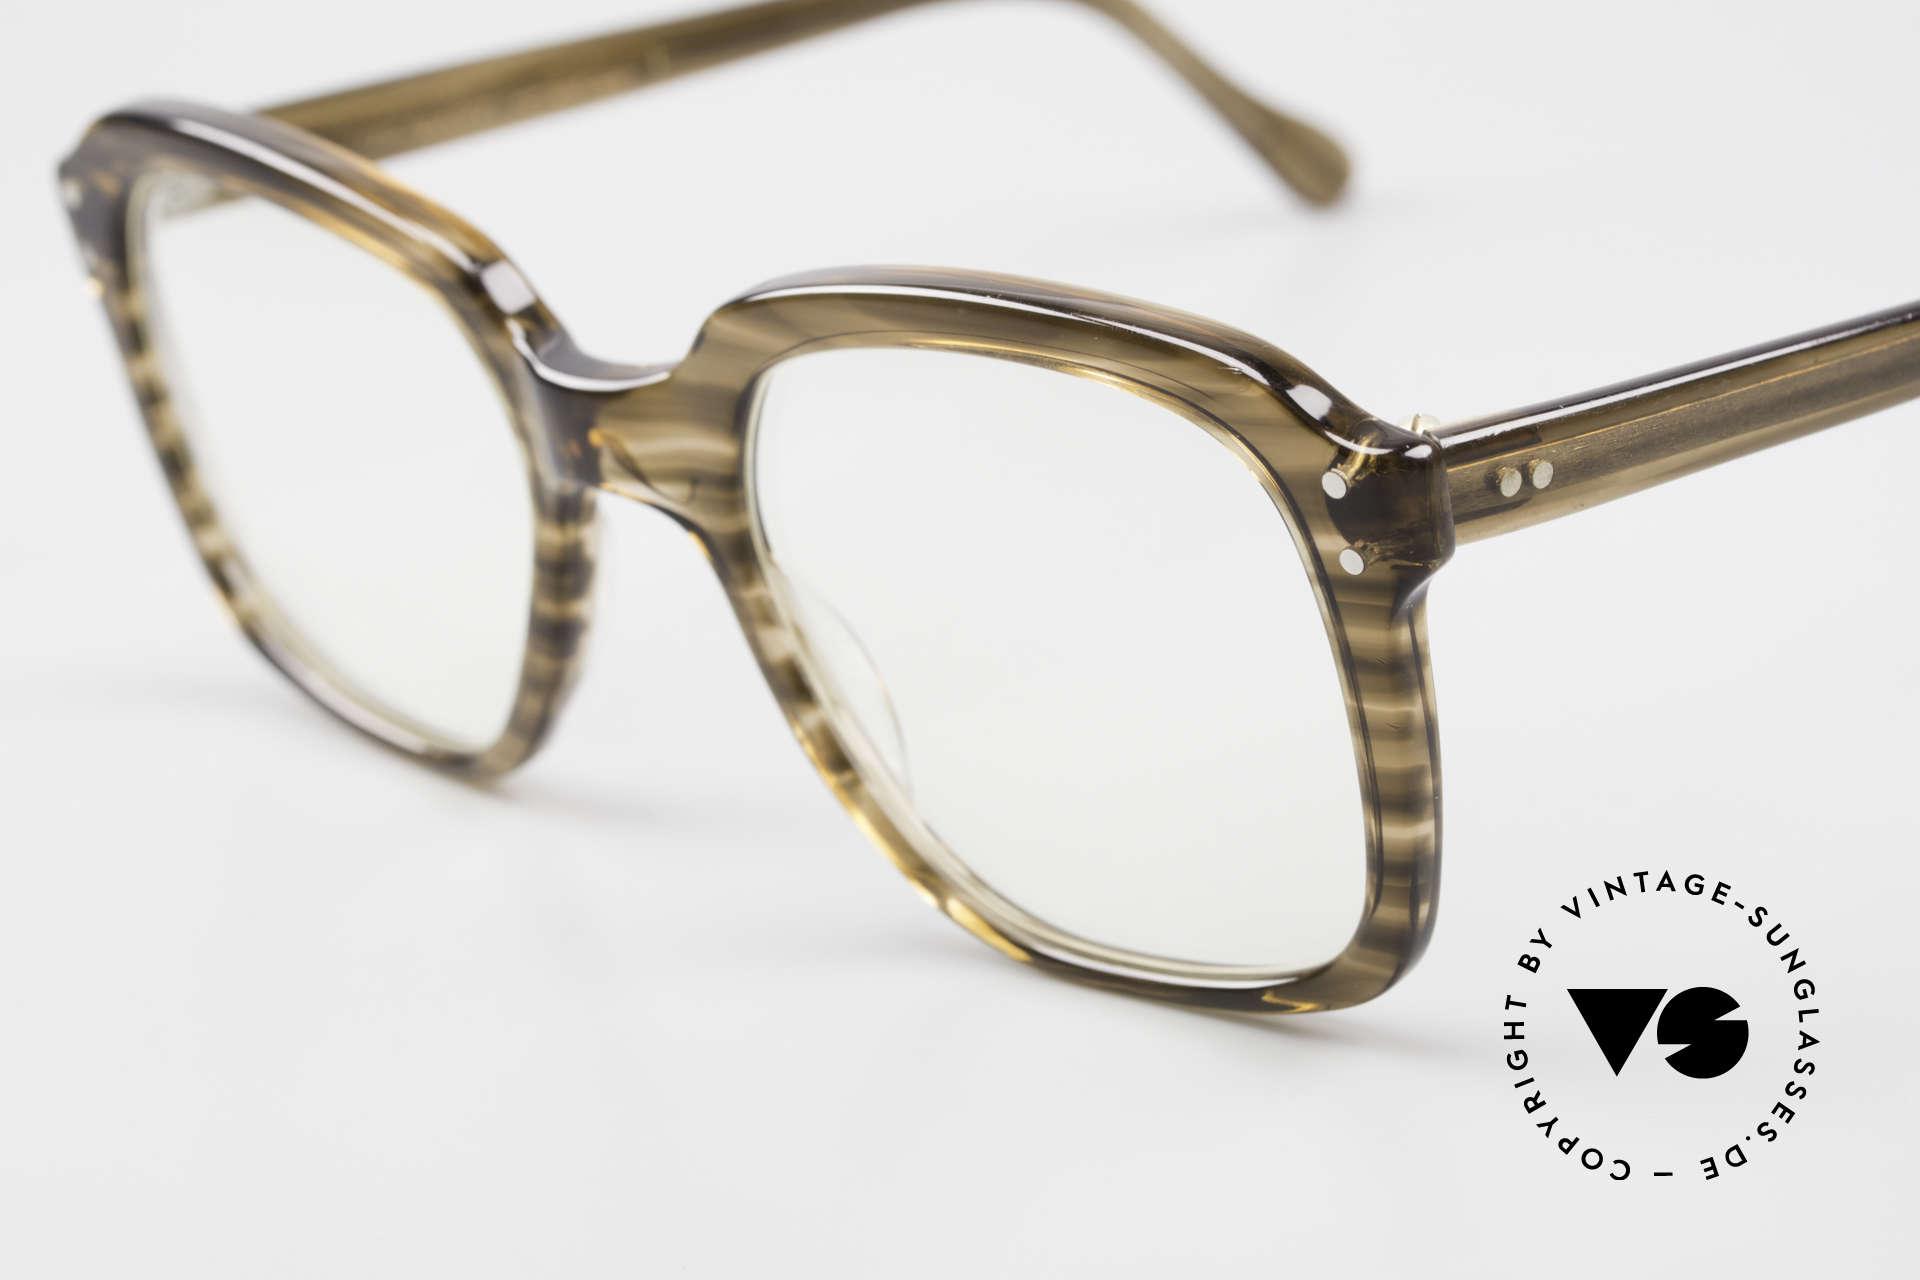 Metzler 449 Old 70's Original Nerd Glasses, never worn (like all our vintage Metzler men's glasses), Made for Men